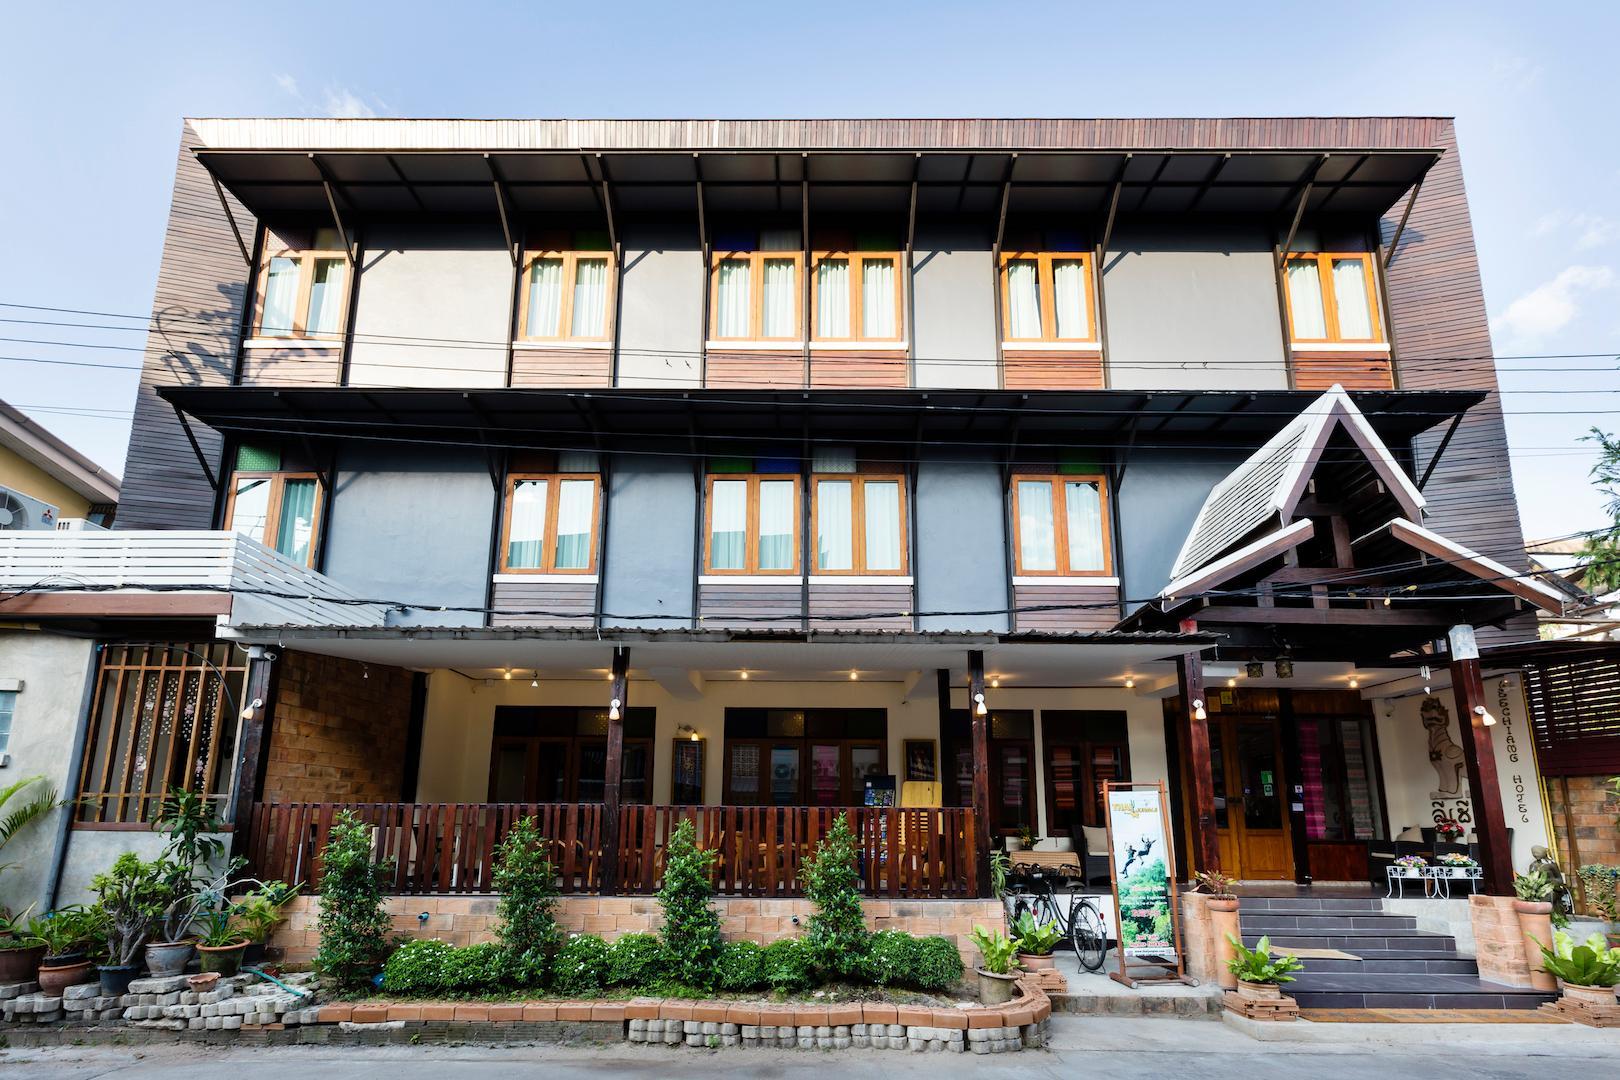 โรงแรมลีเชียง บูติก ล้านนา